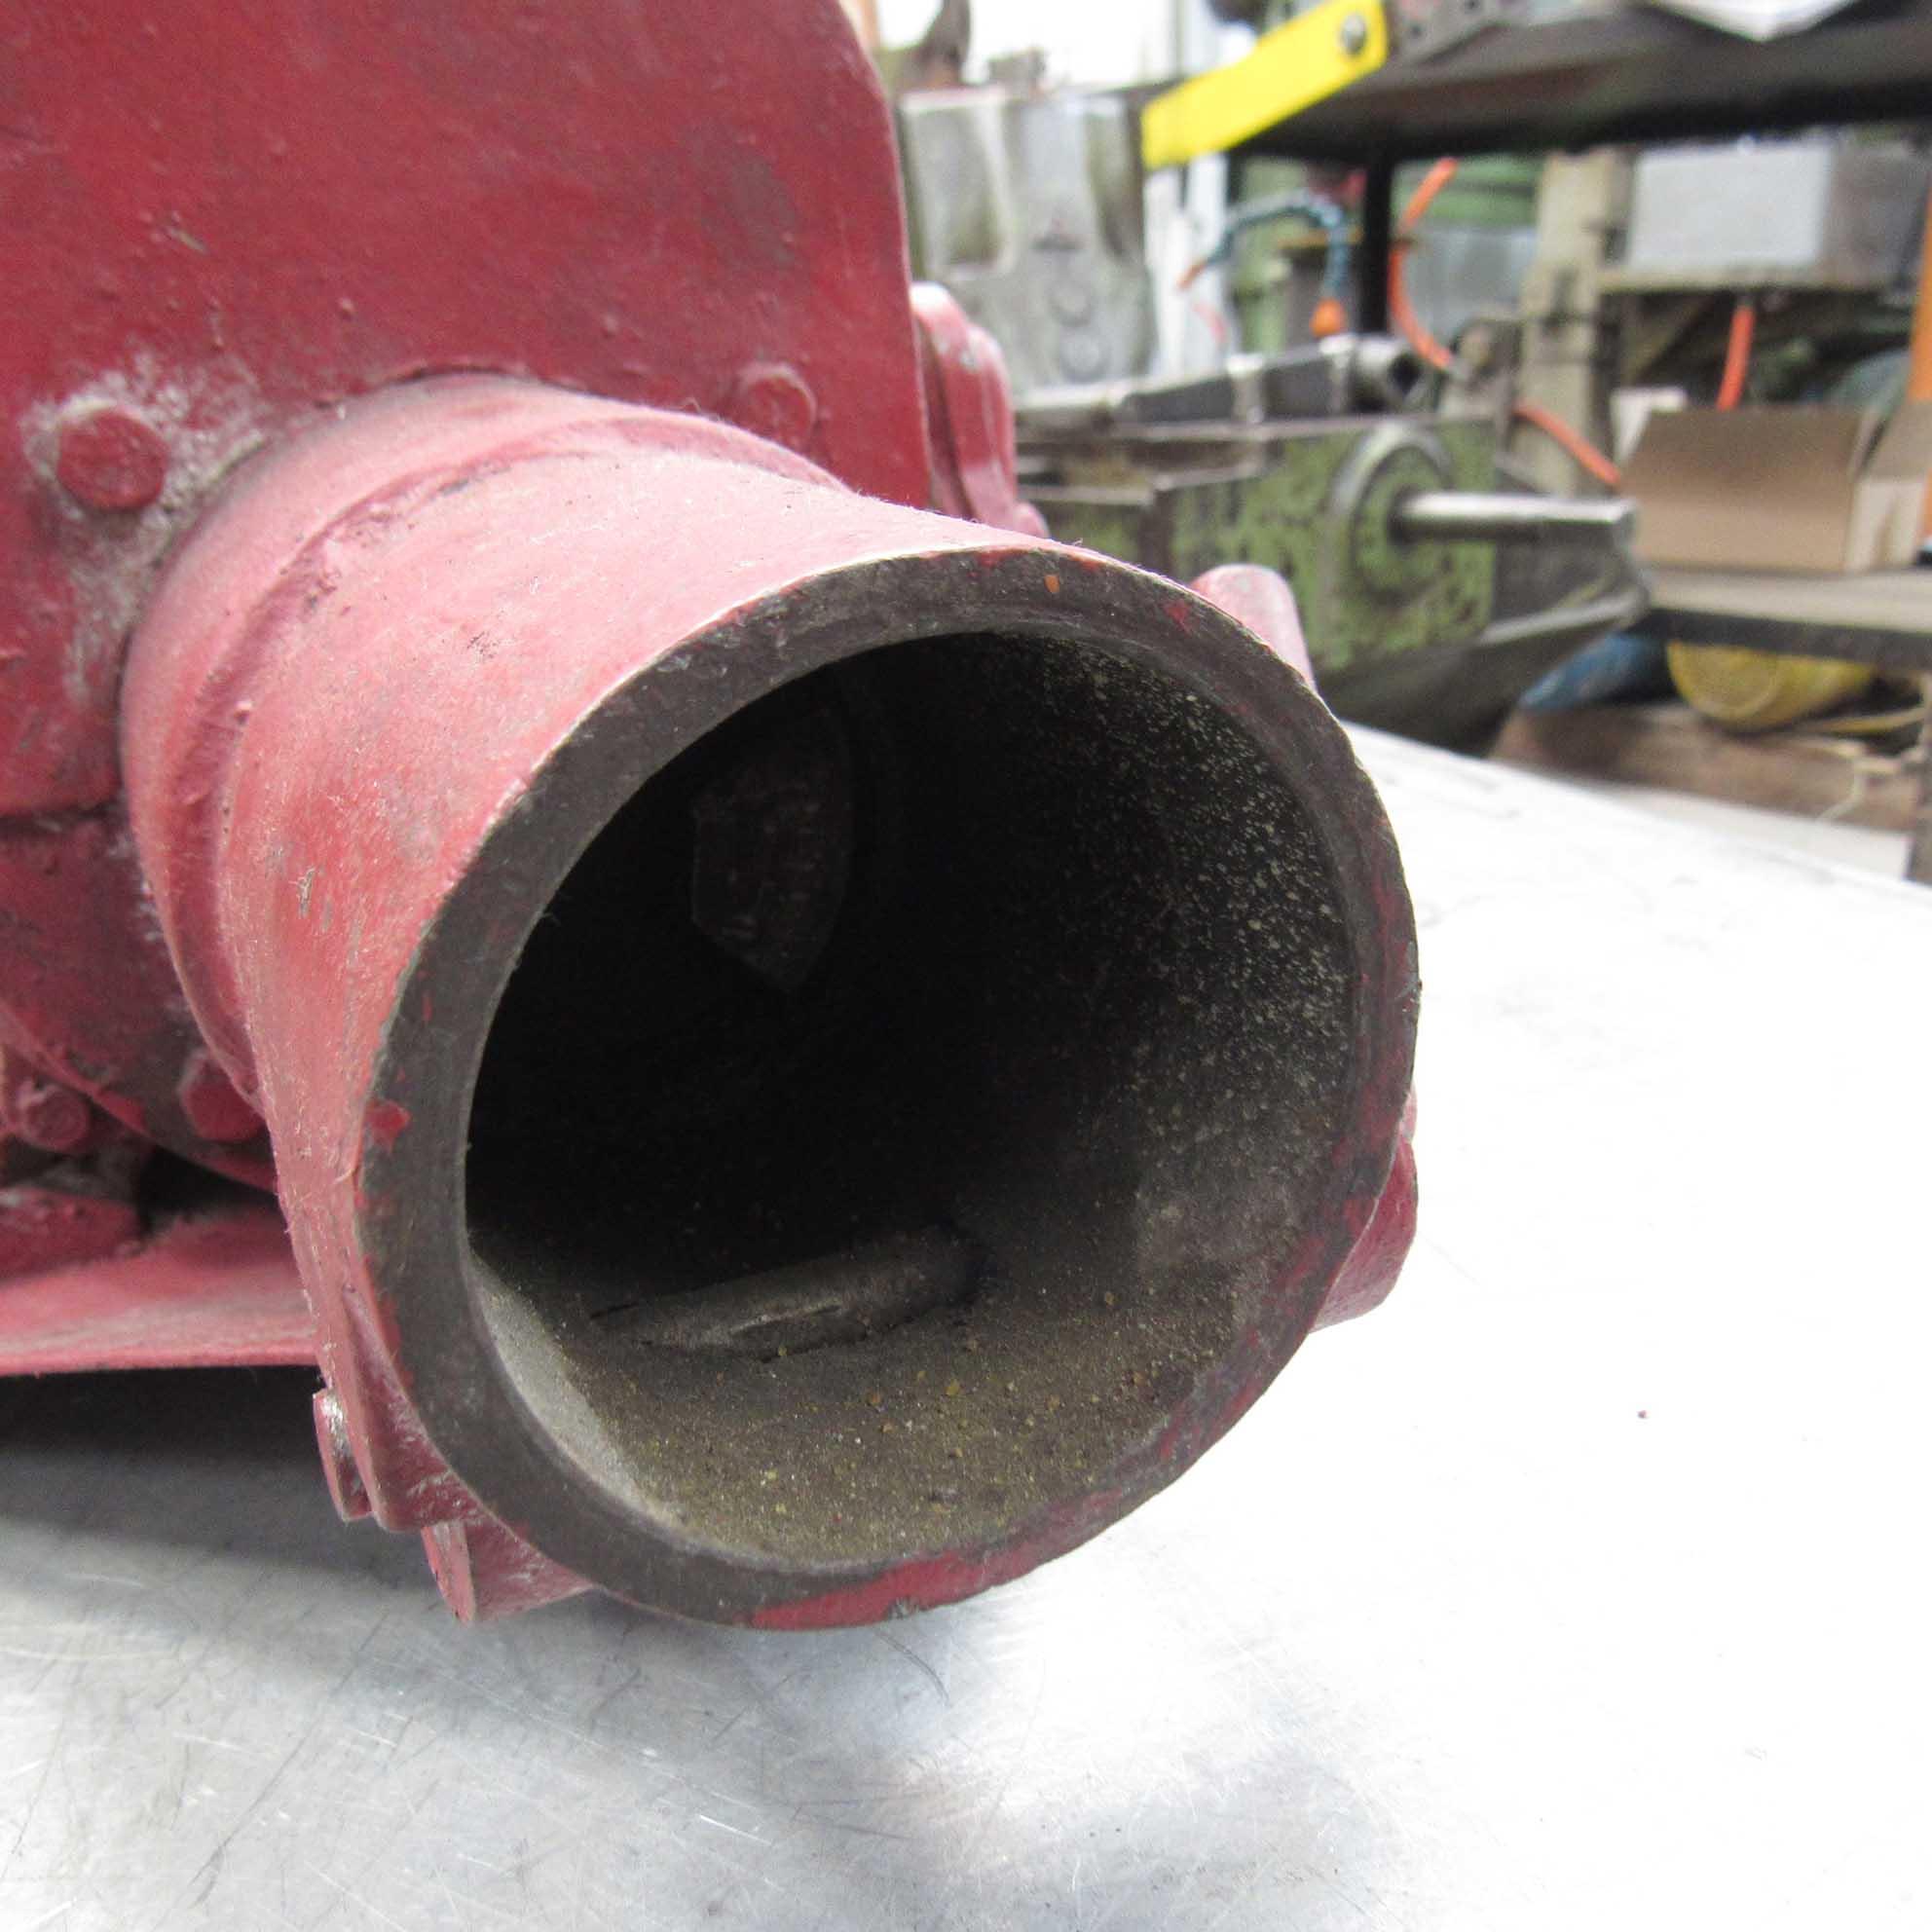 Motovibrador para concreto Trifásico 2 Cv Marca Eberle Cd126 – Usado